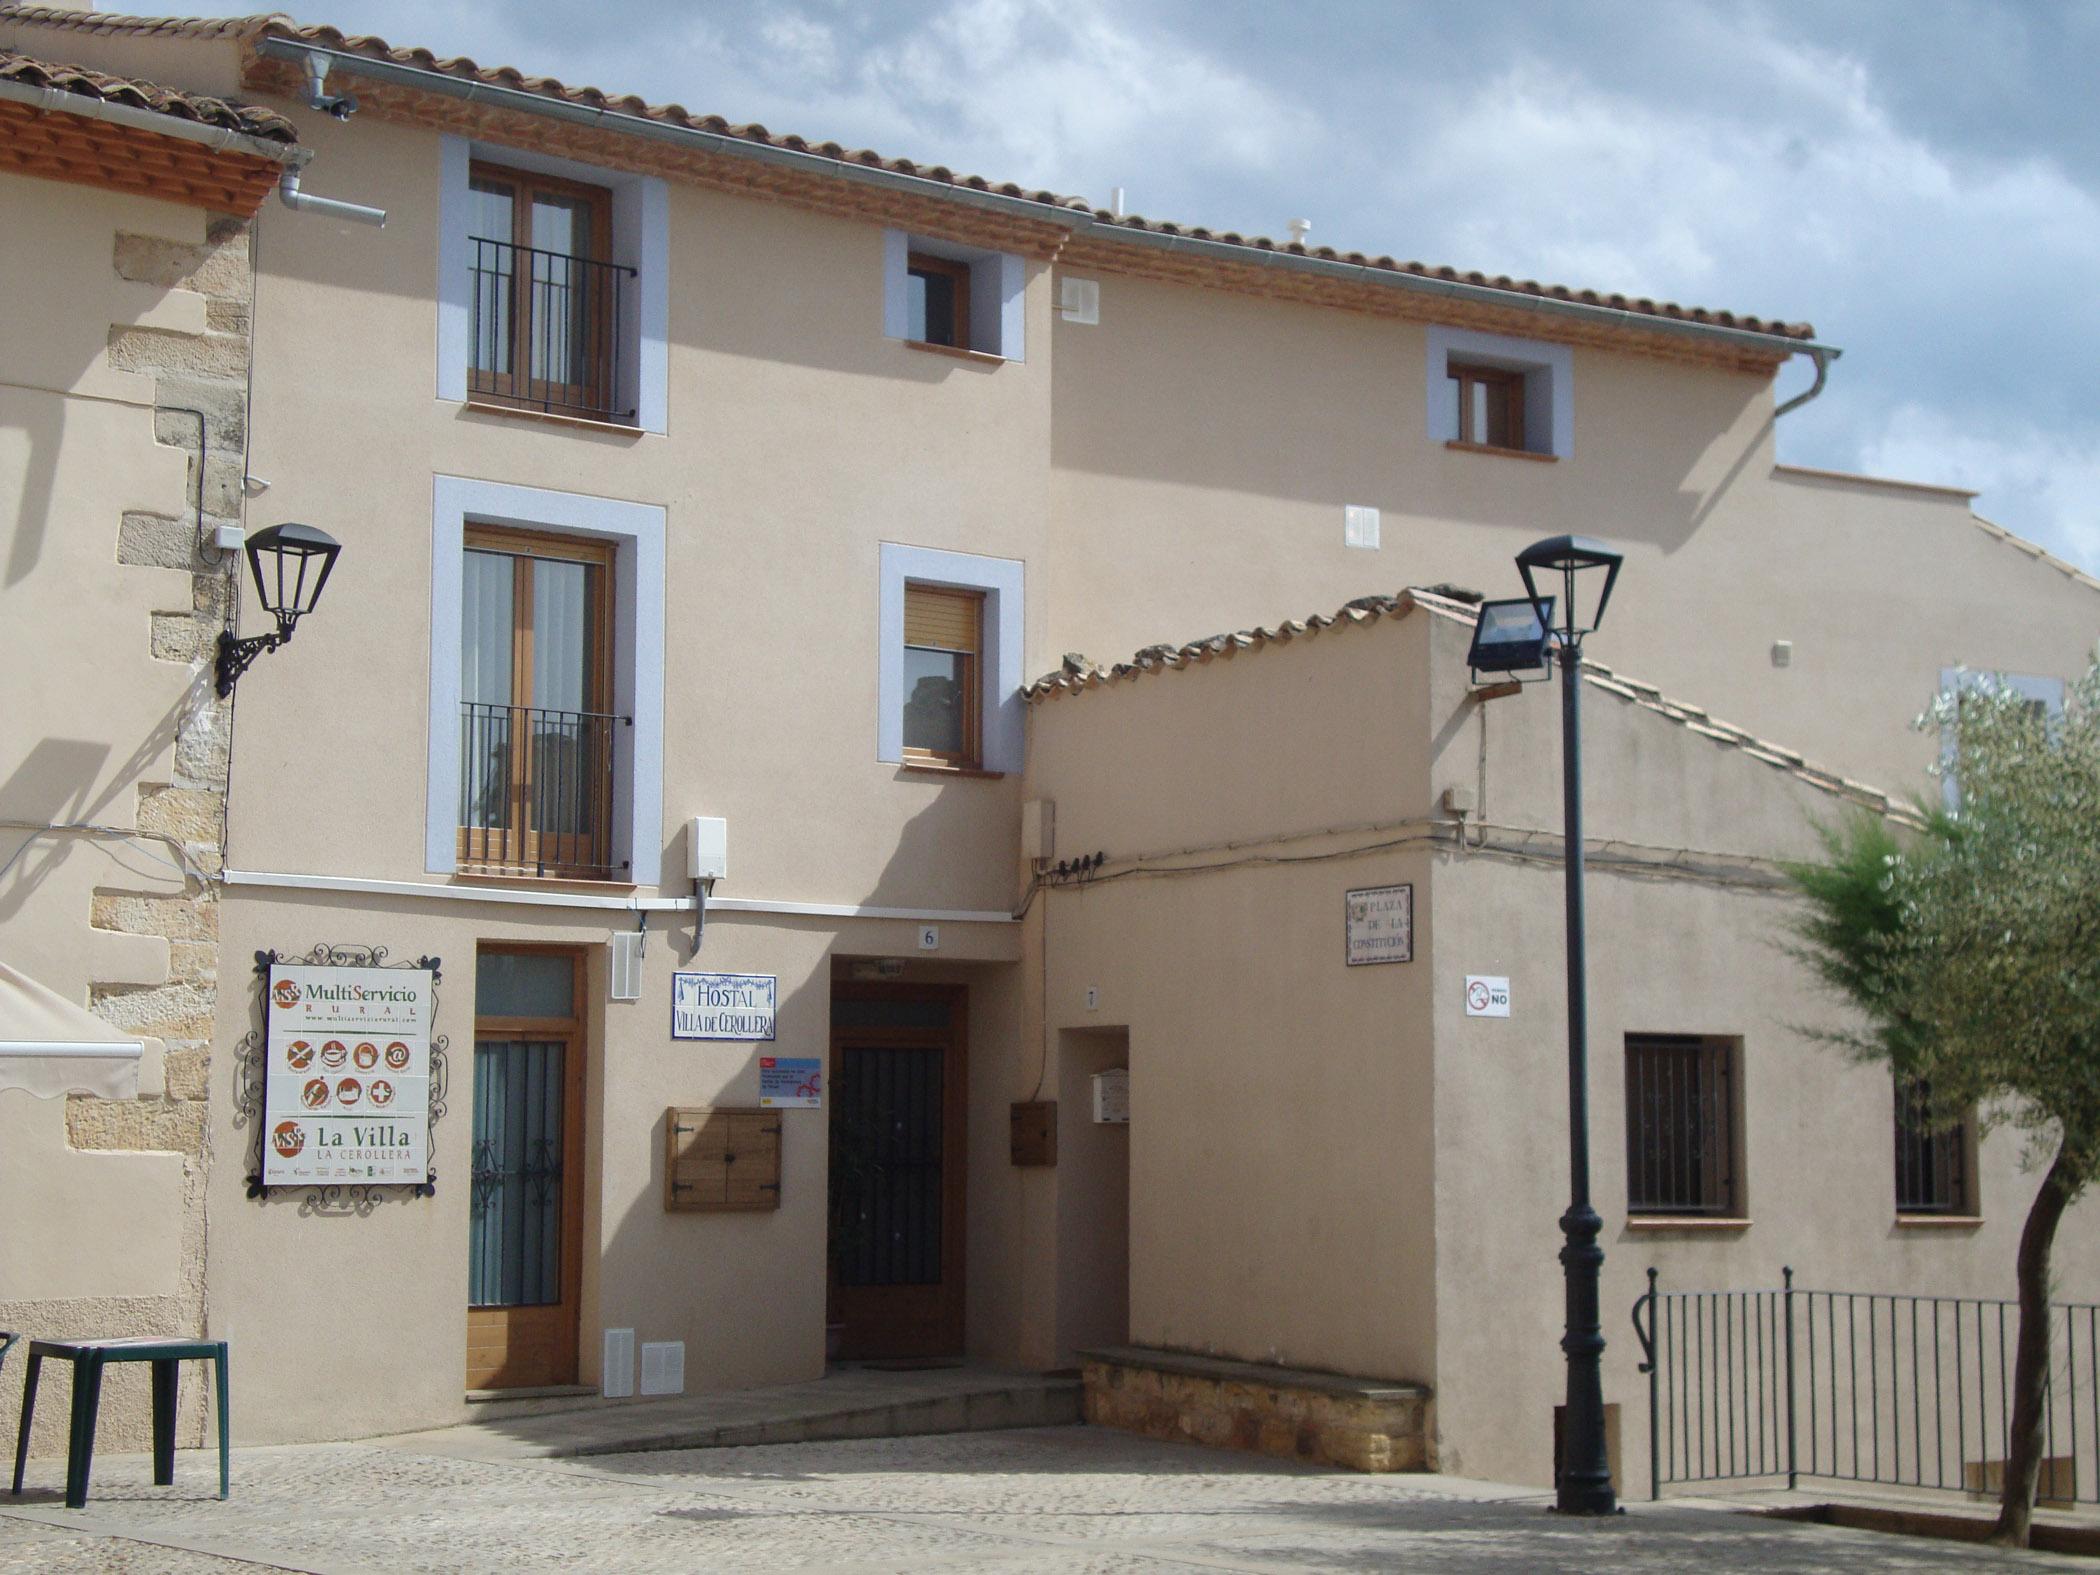 Hostal Villa de Cerollera